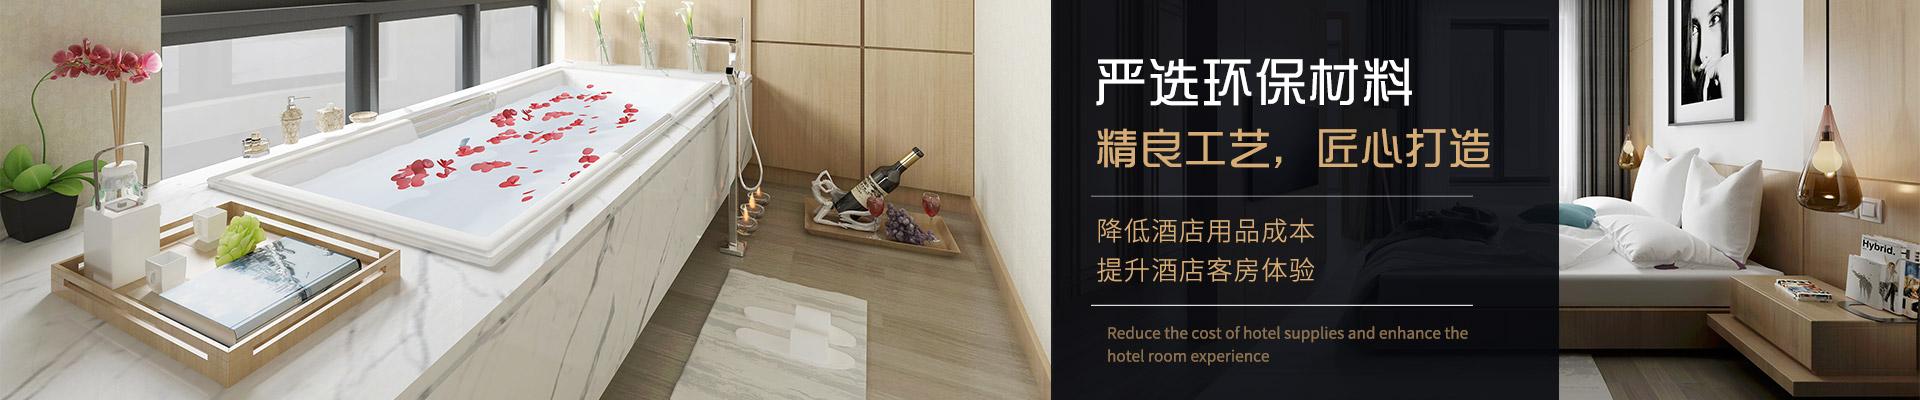 艾笑酒店一次性用品-严选环保材料,精良工艺,匠心打造